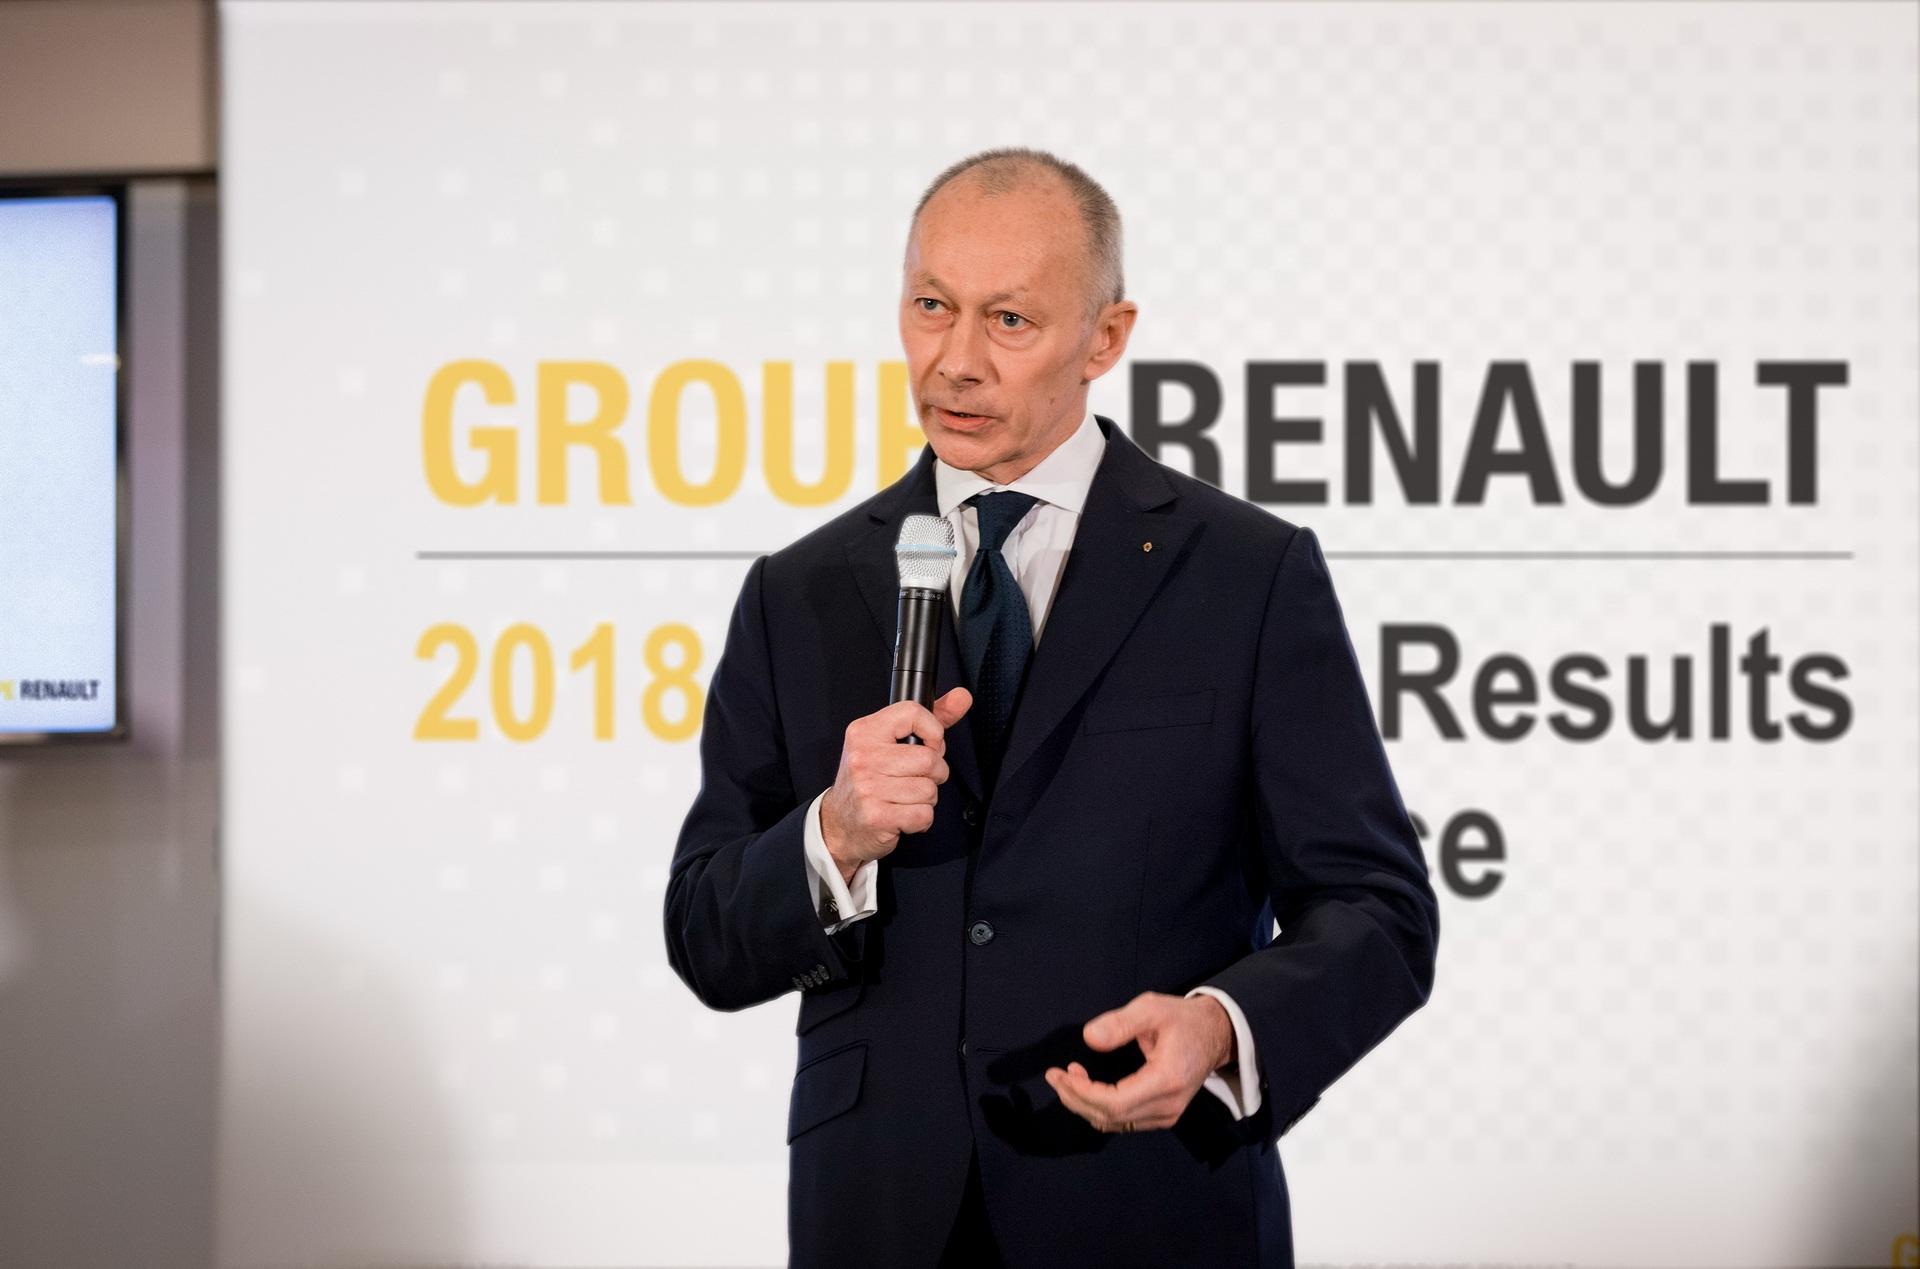 Renault thẳng tay sa thải giám đốc điều hành - 1